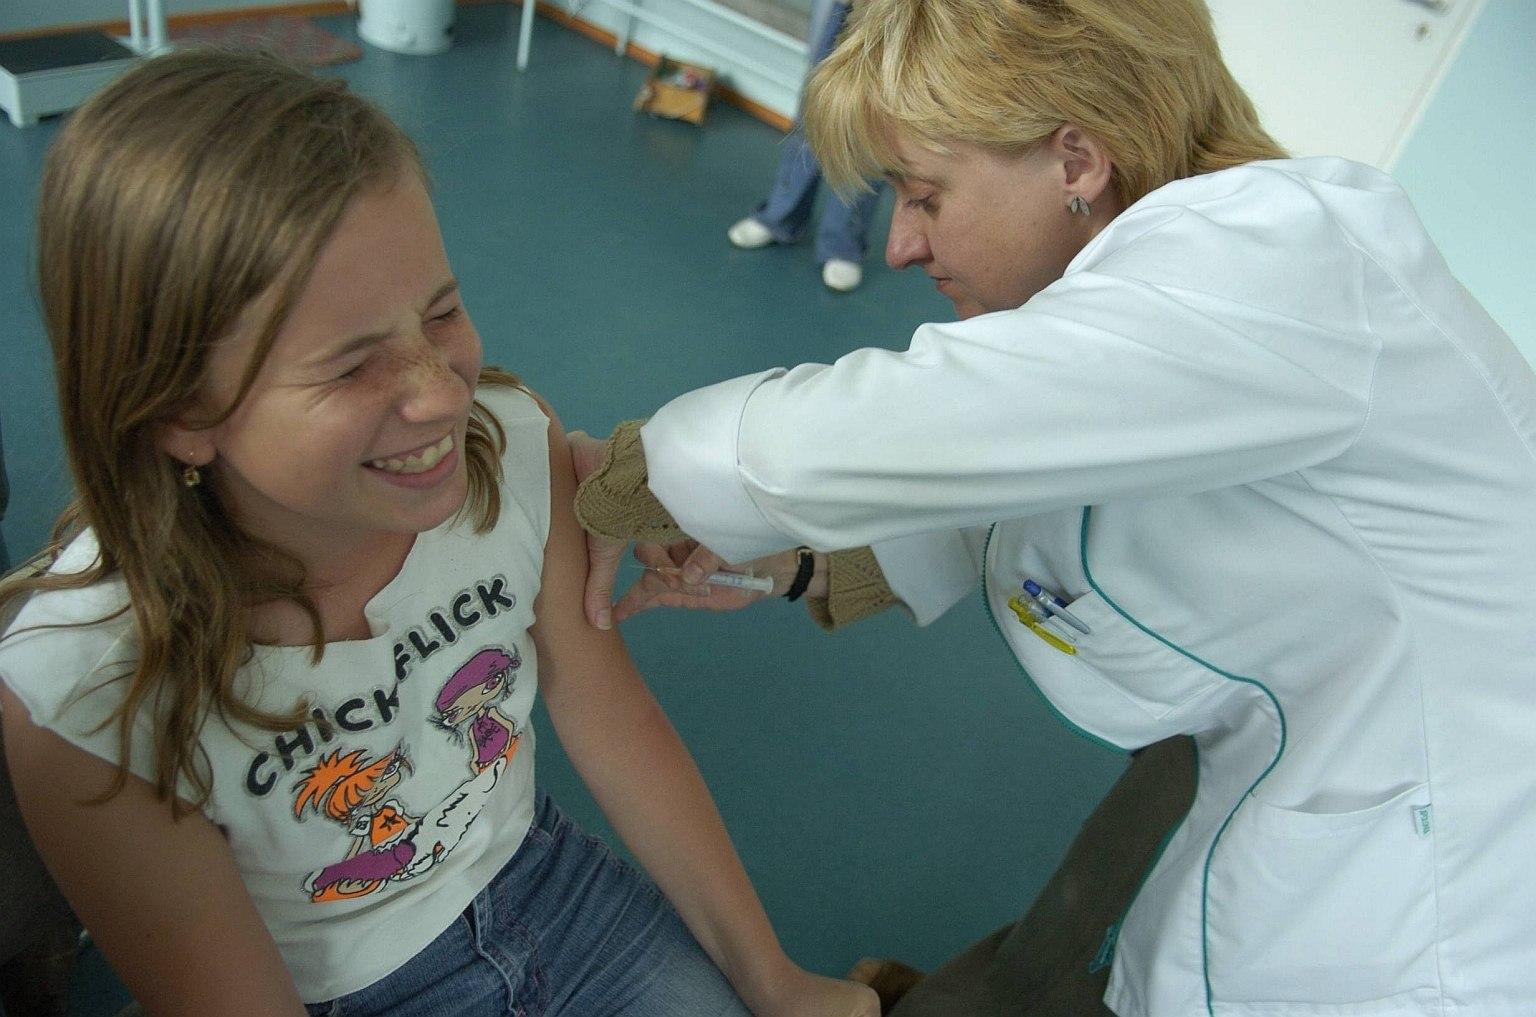 Lekarze narzekają, że nie mają czasu na rozmowę z pacjentem o szczepieniu (fot. Cezary Aszkielowicz / Agencja Gazeta)